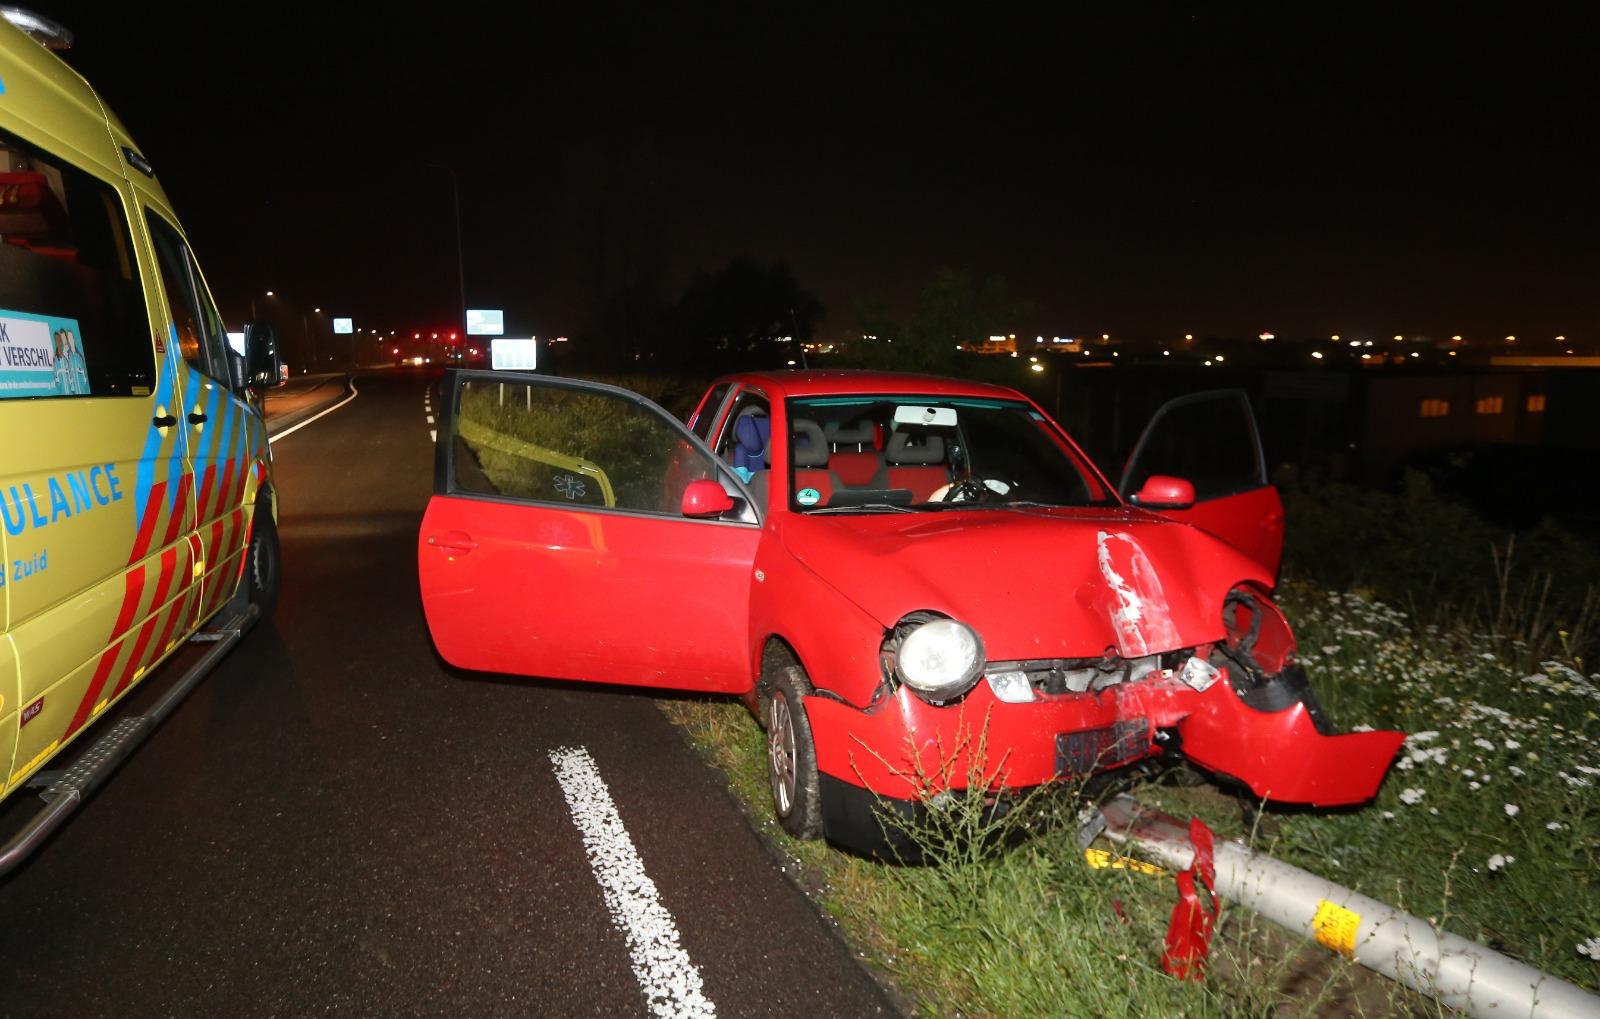 Vrouw gewond na ongeval in Zaltbommel, kindje ongedeerd.